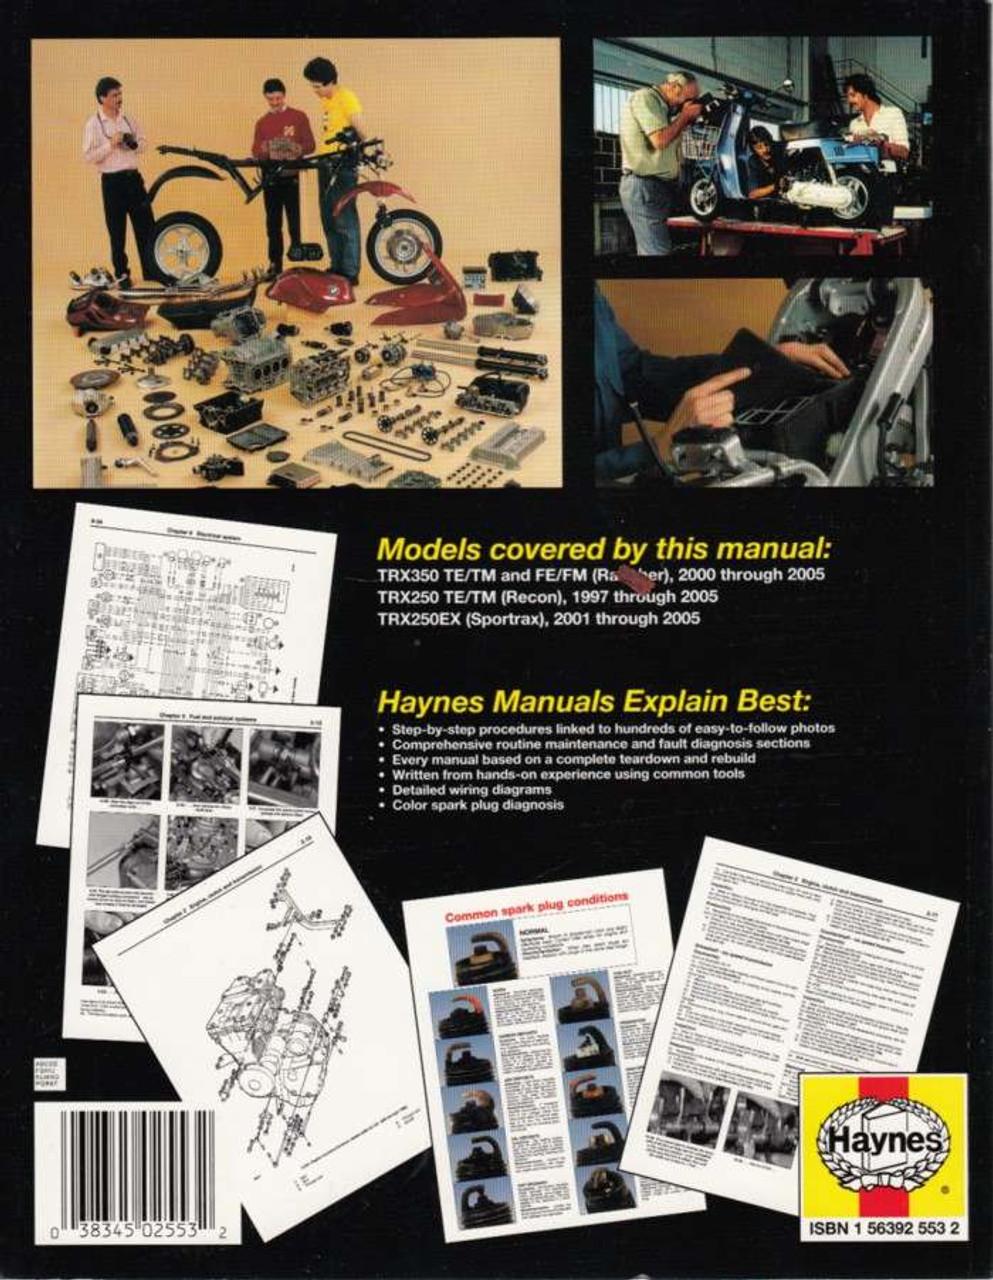 honda trx350 rancher trx250 recon trx250ex sportrax atvs 1997 2005 workshop manual back [ 993 x 1280 Pixel ]